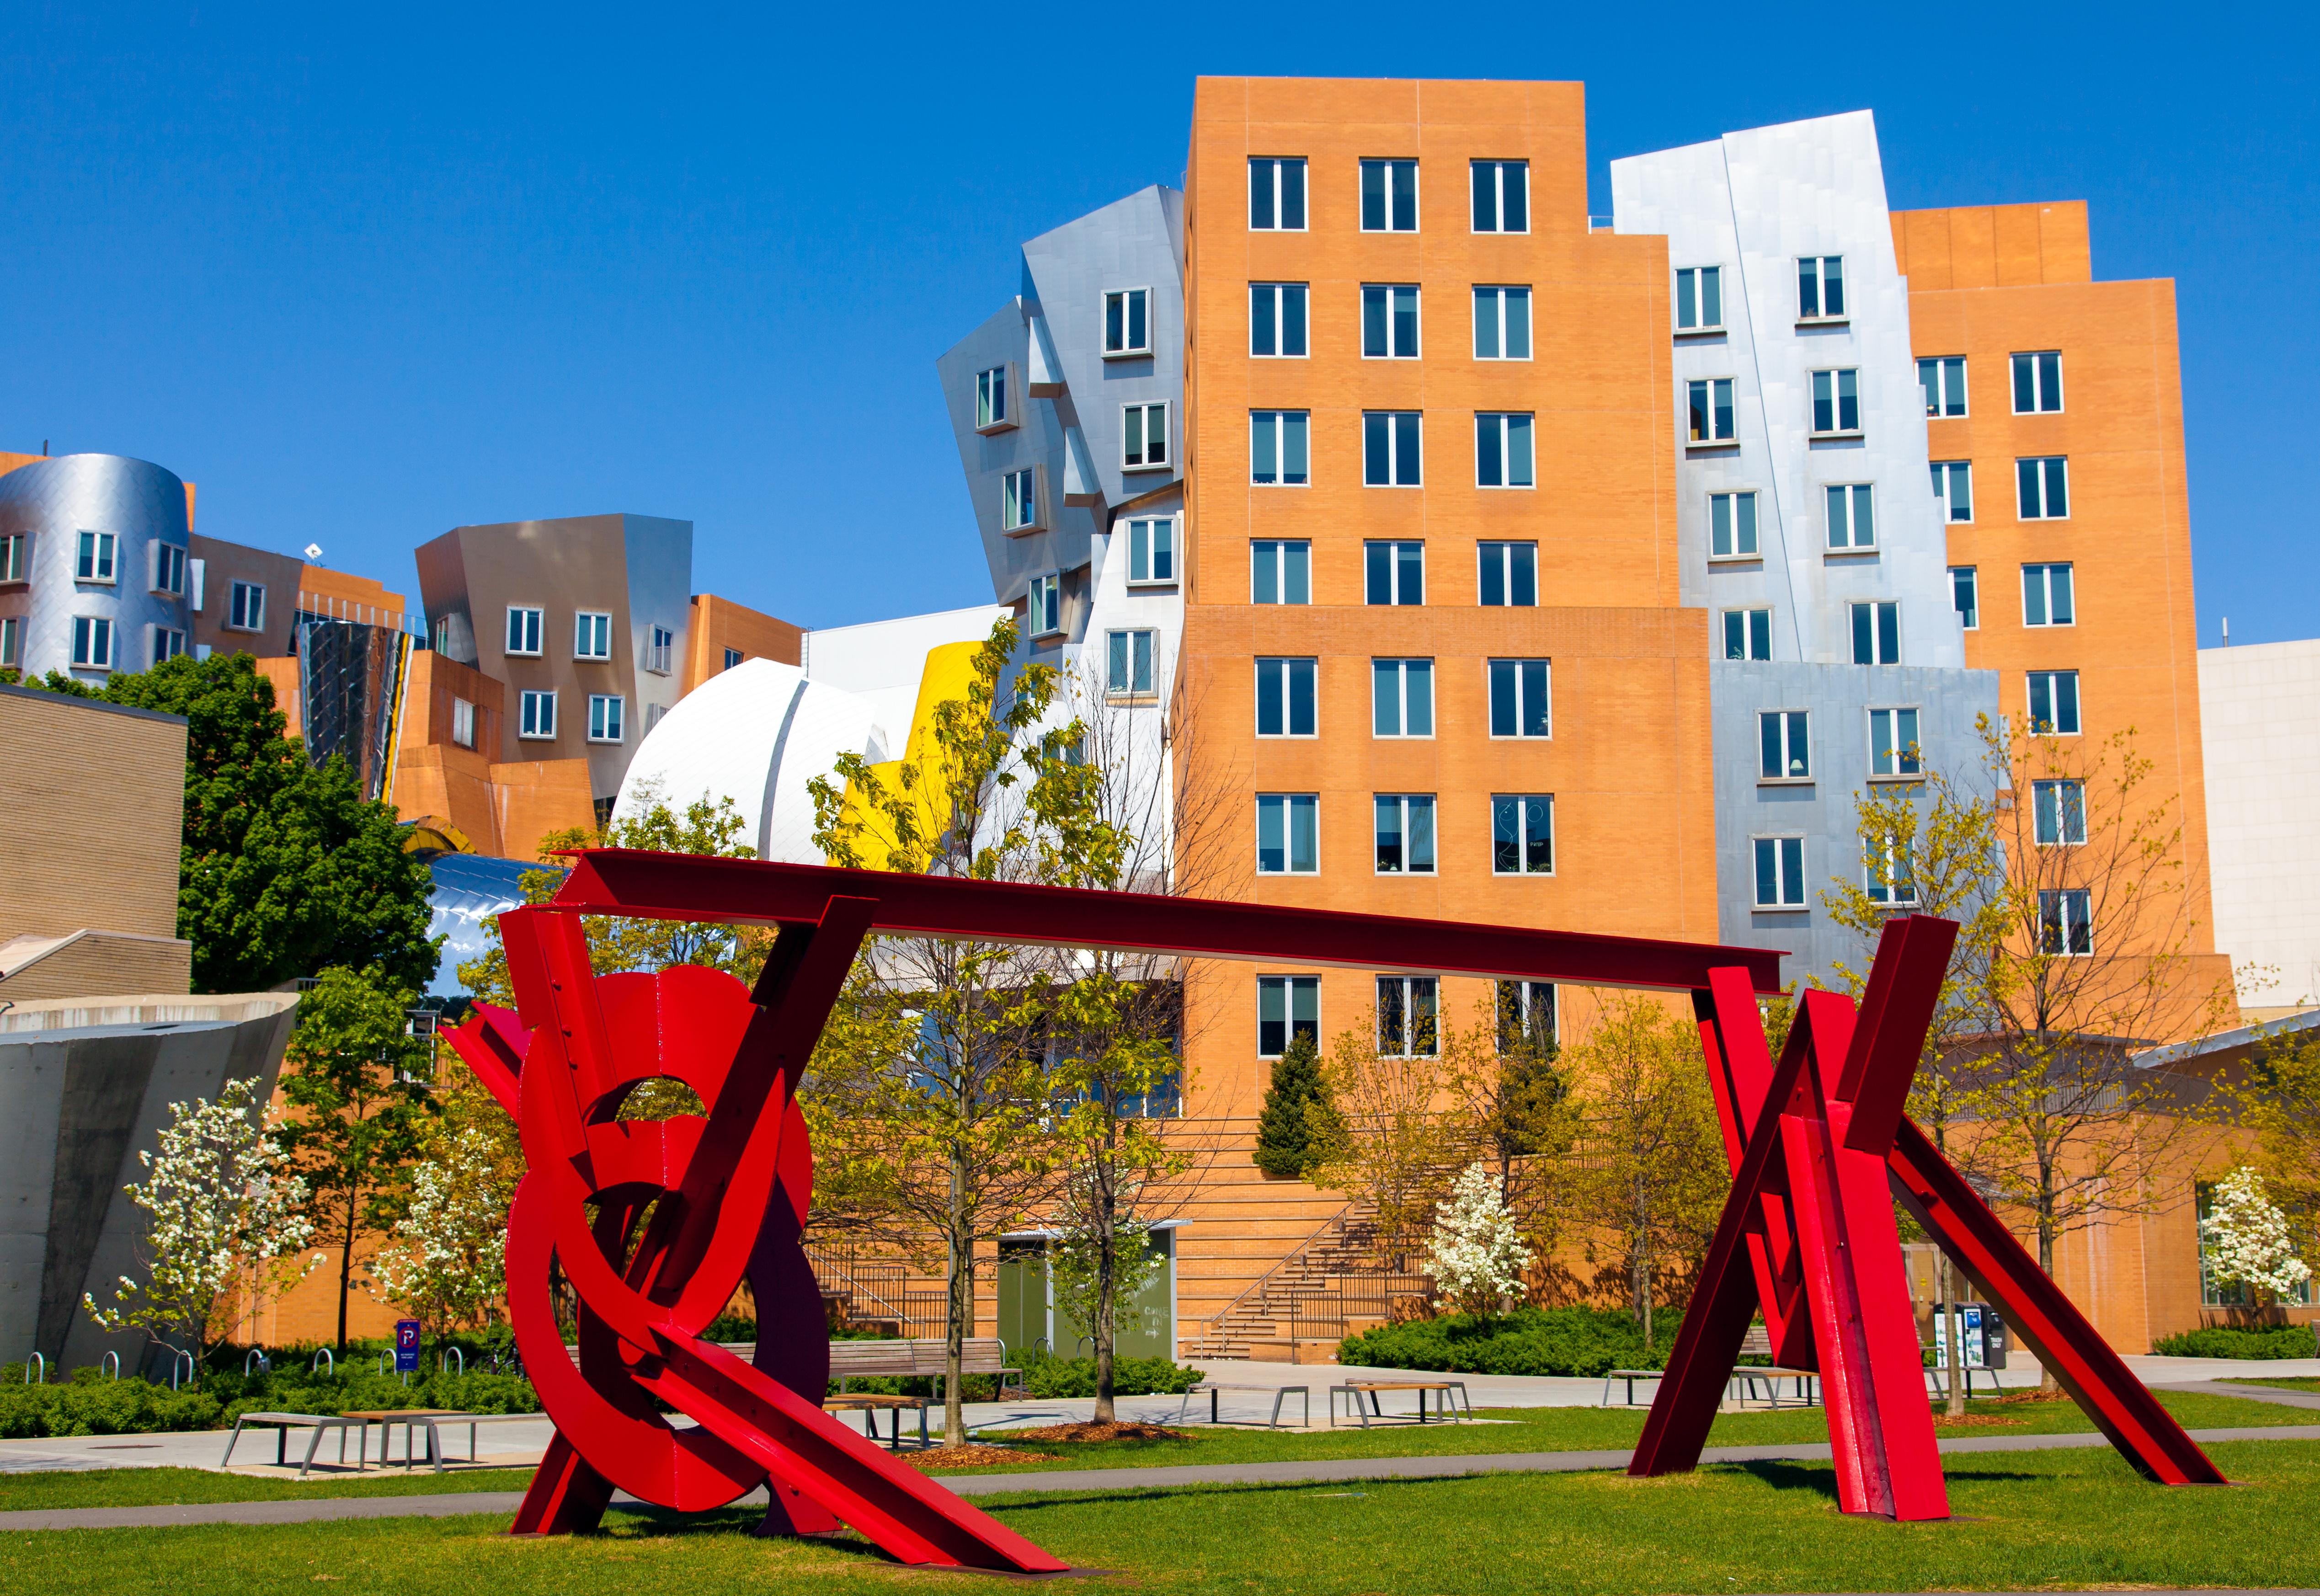 معهد ماساتشوستسللتكنولوجيا بالولايات المتحدة